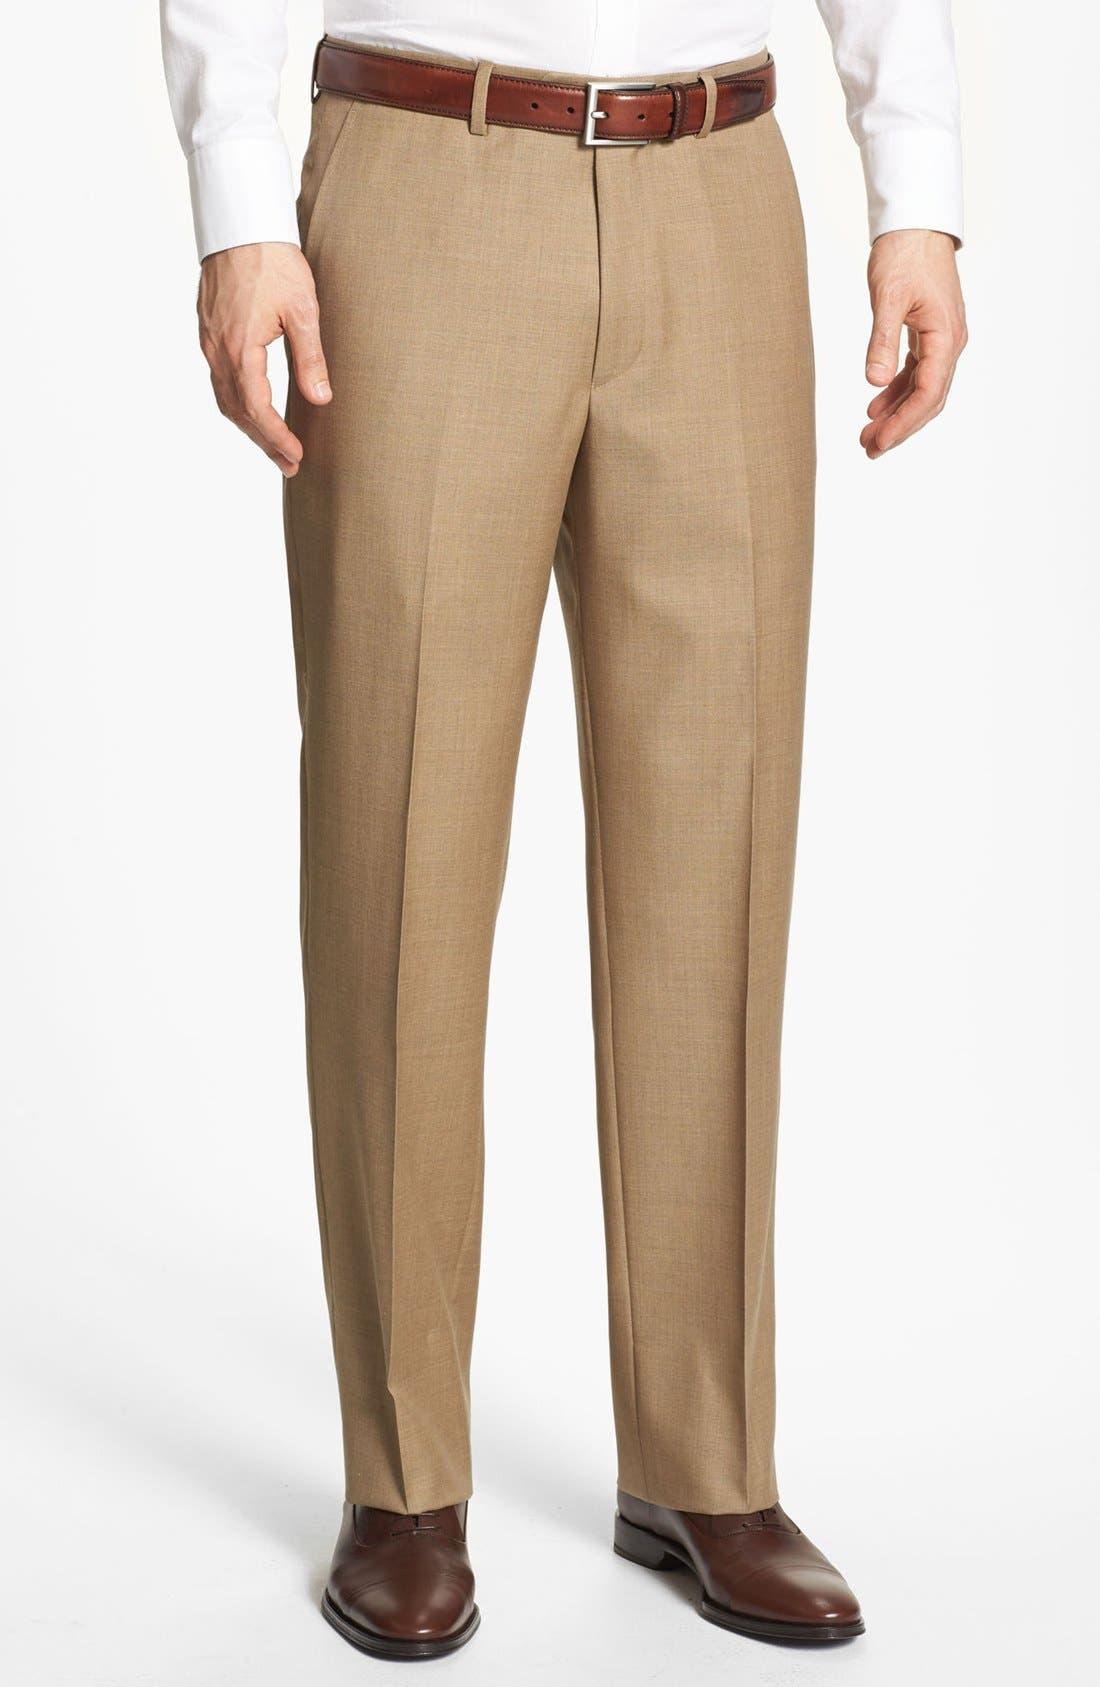 SANTORELLI Luxury Flat Front Wool Trousers in Tan